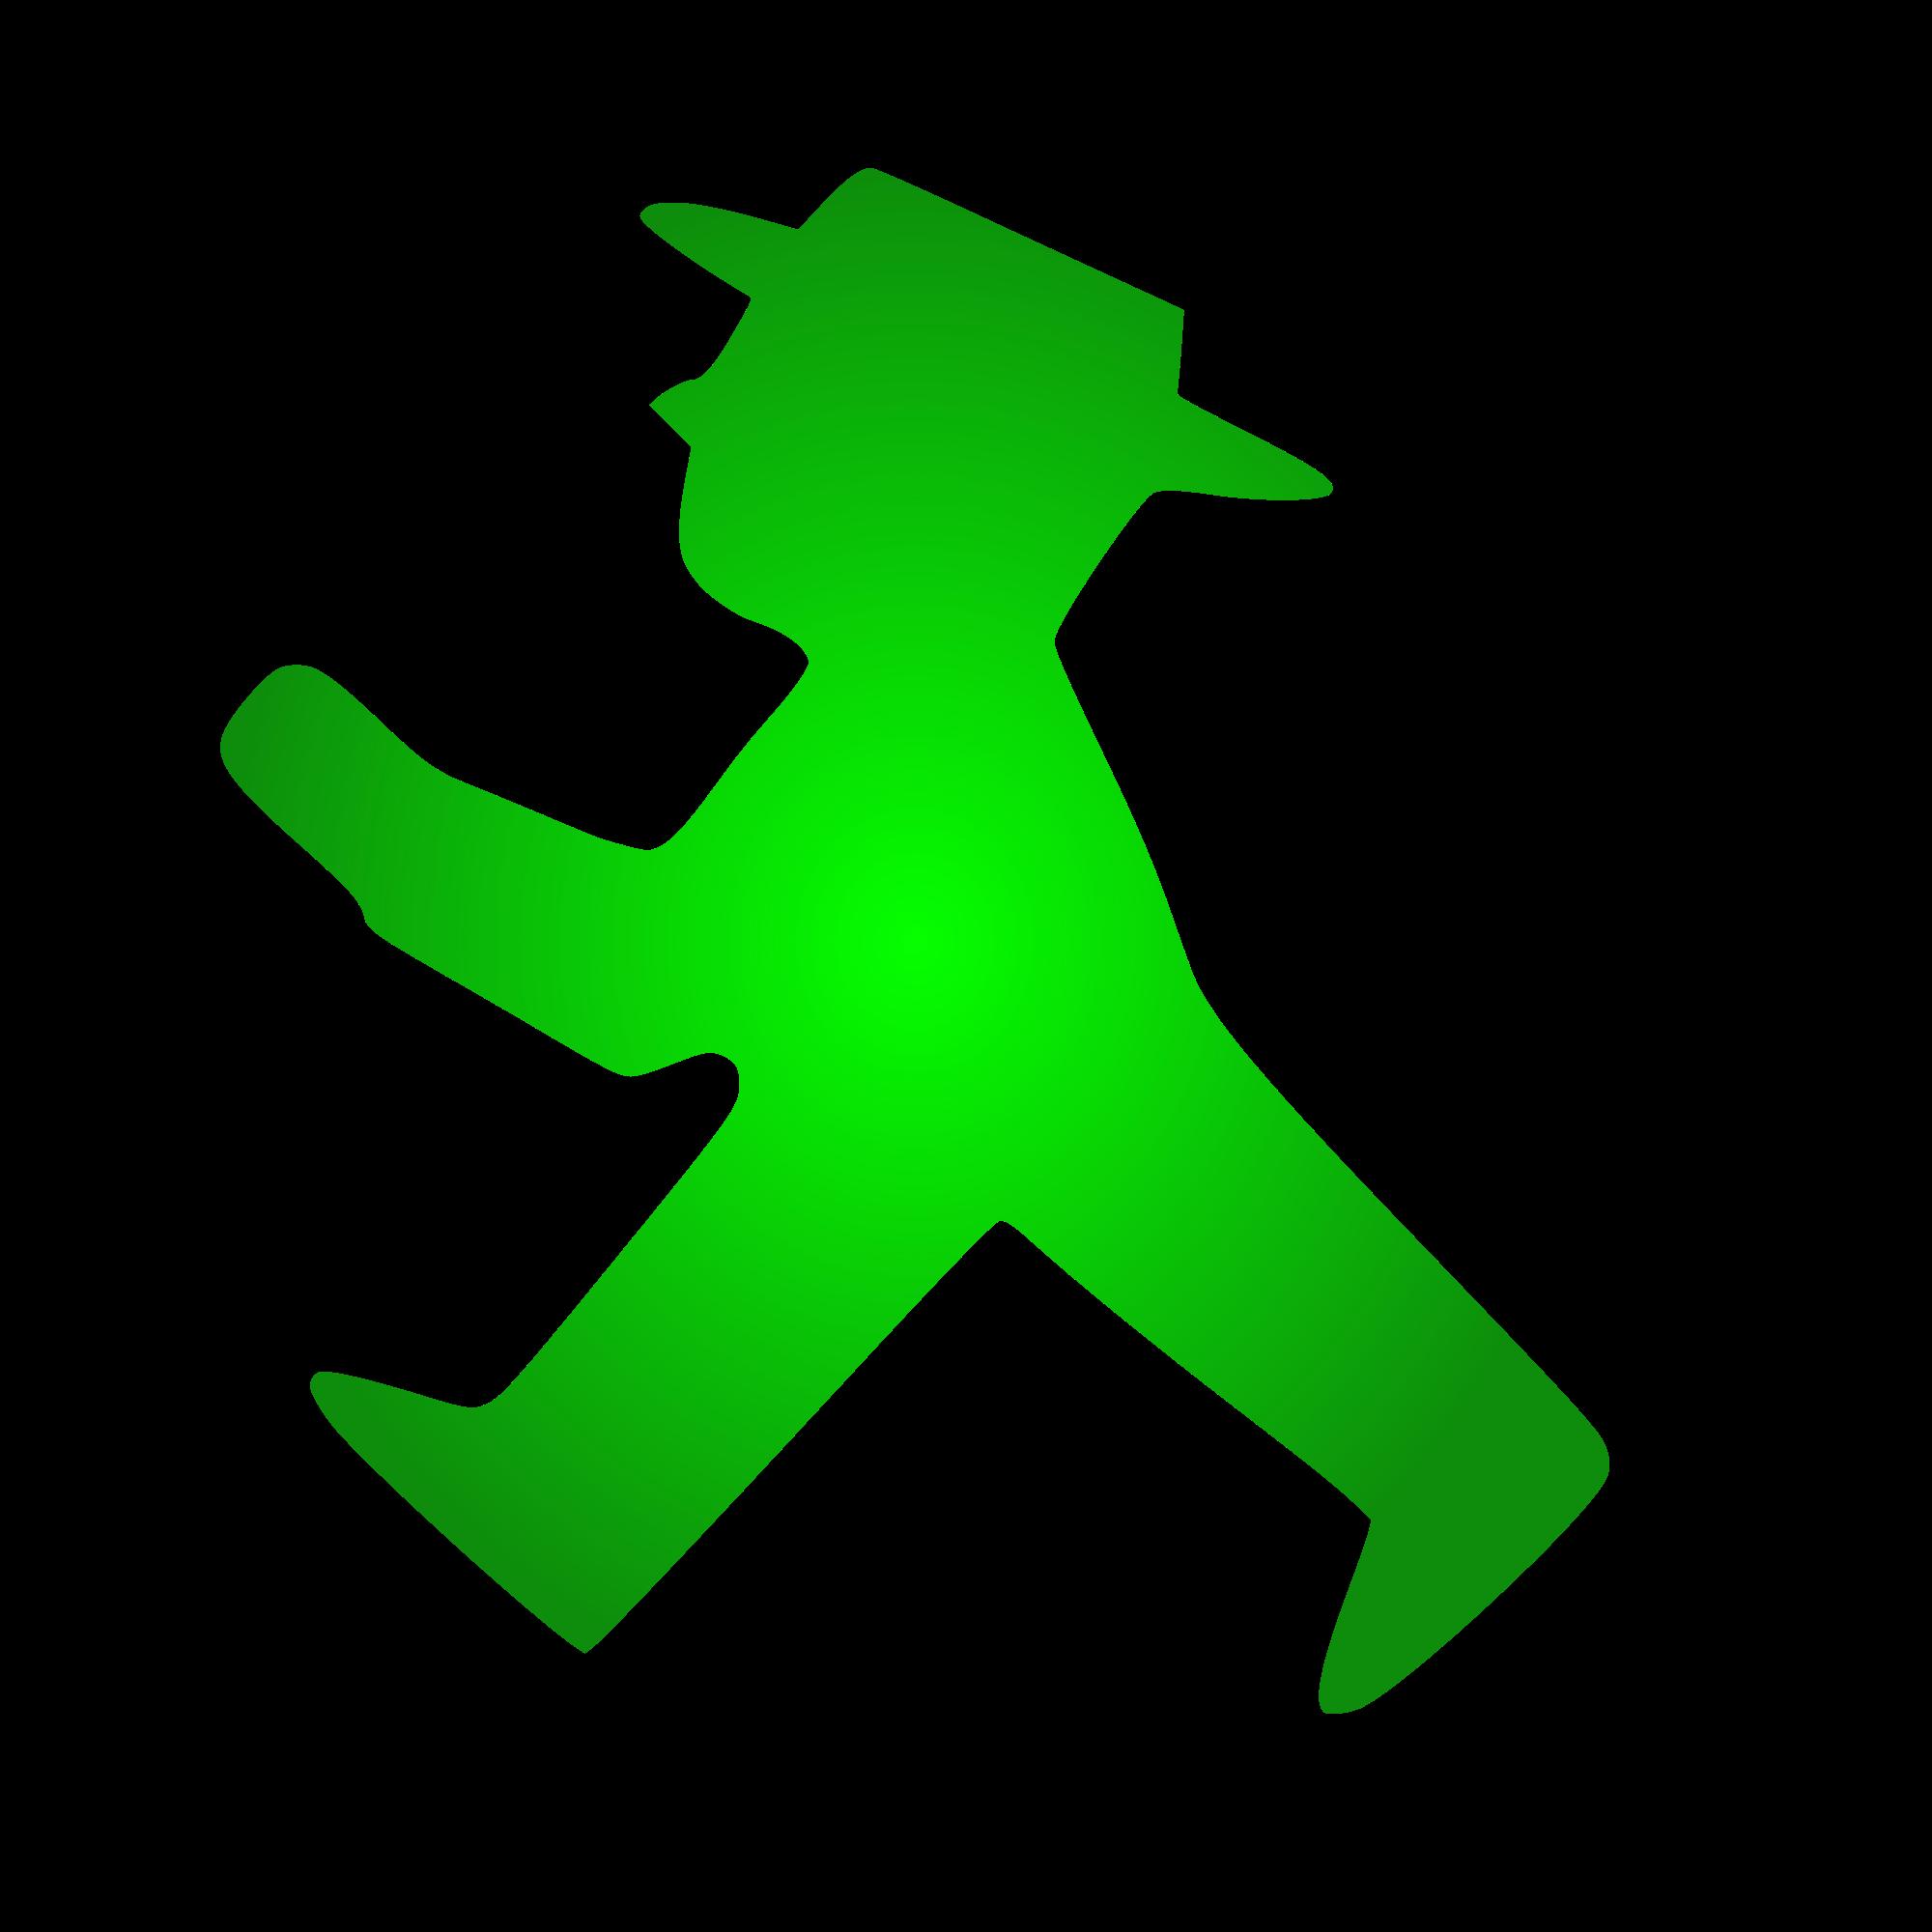 Datei:Ampelmann grün.svg.